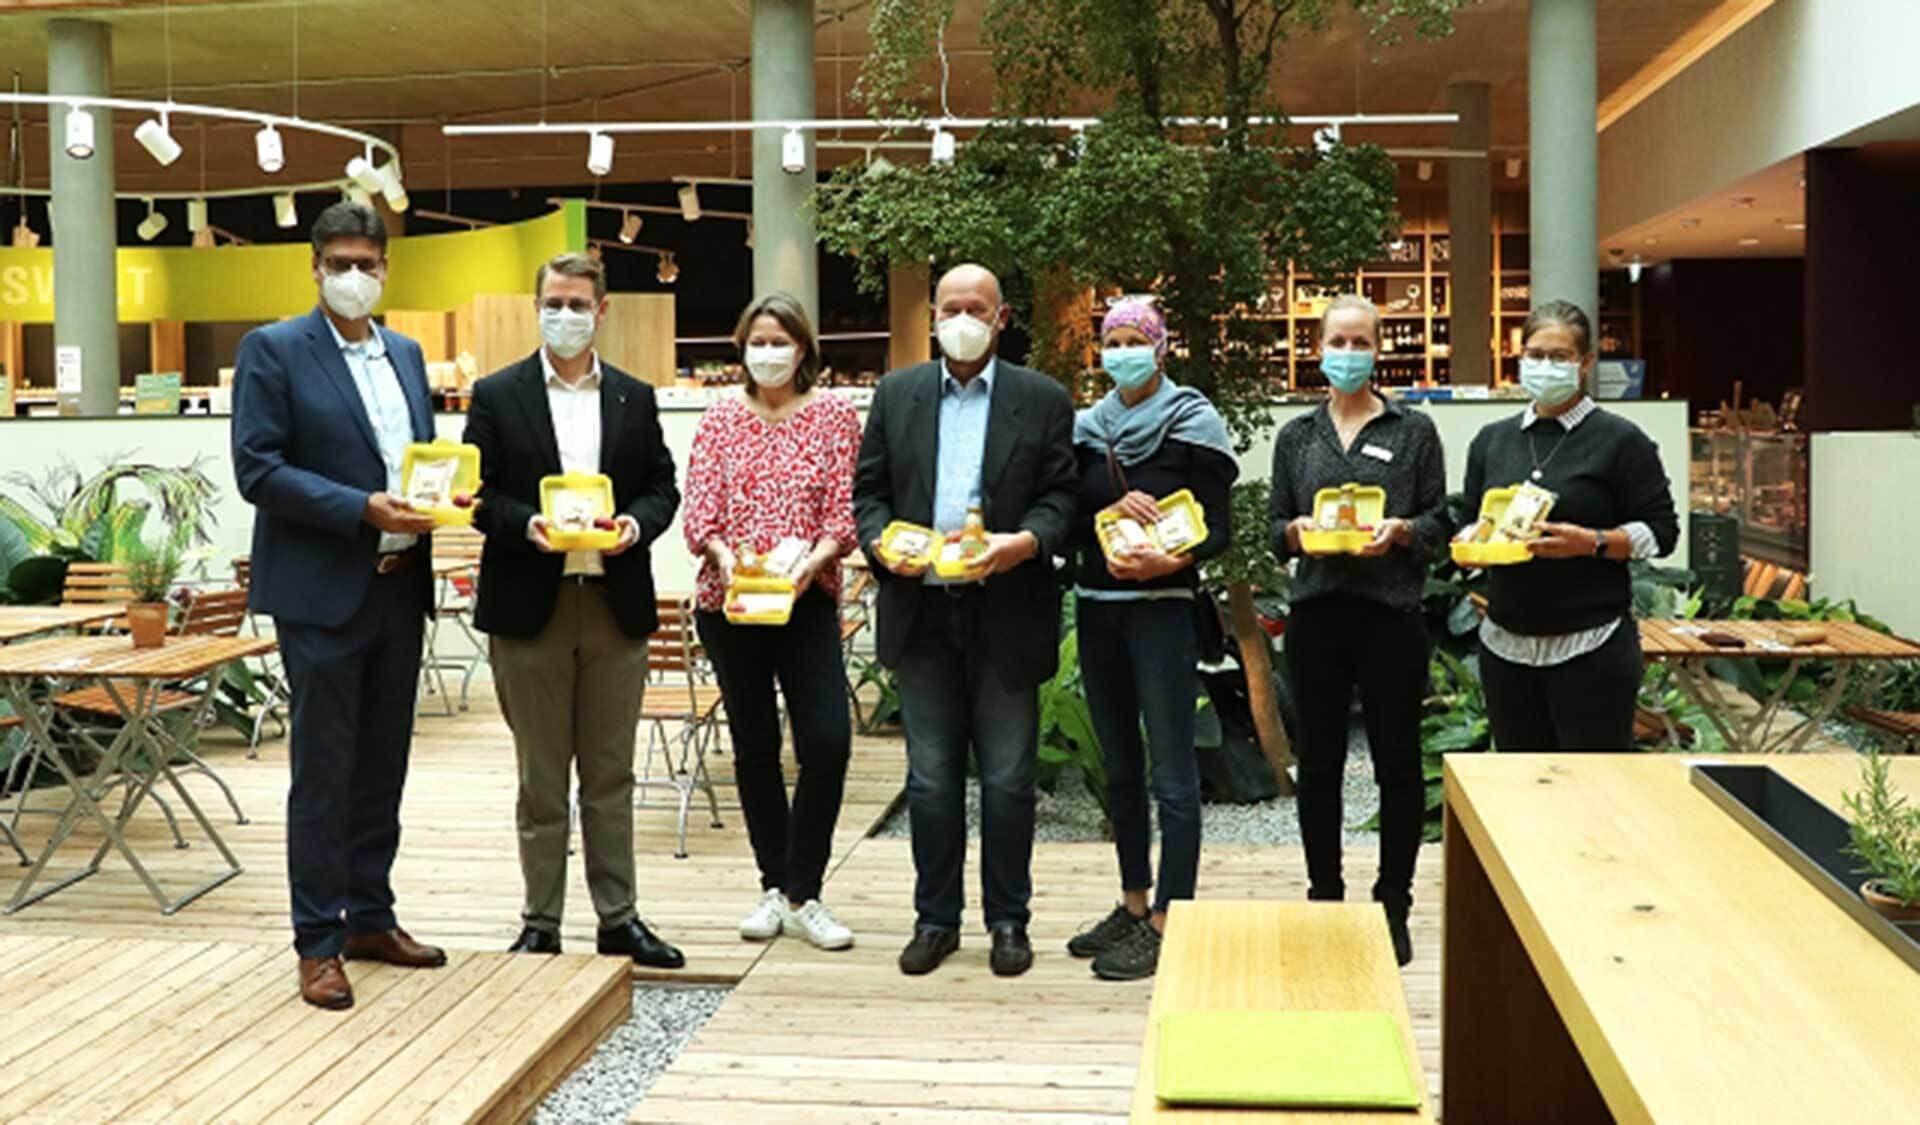 Juliane Stobbe (Byodo), Max Heimerl (Landrat Mühldorf), Katharina Schidinger (Barnhouse), Fritz Huber (Chiemgauer Naturkosthandel), Josef Pölz, Andrea Sonnberger, Marcus Hofer (Byodo), Michael Hetzl (Bürgermeister Mühldorf)